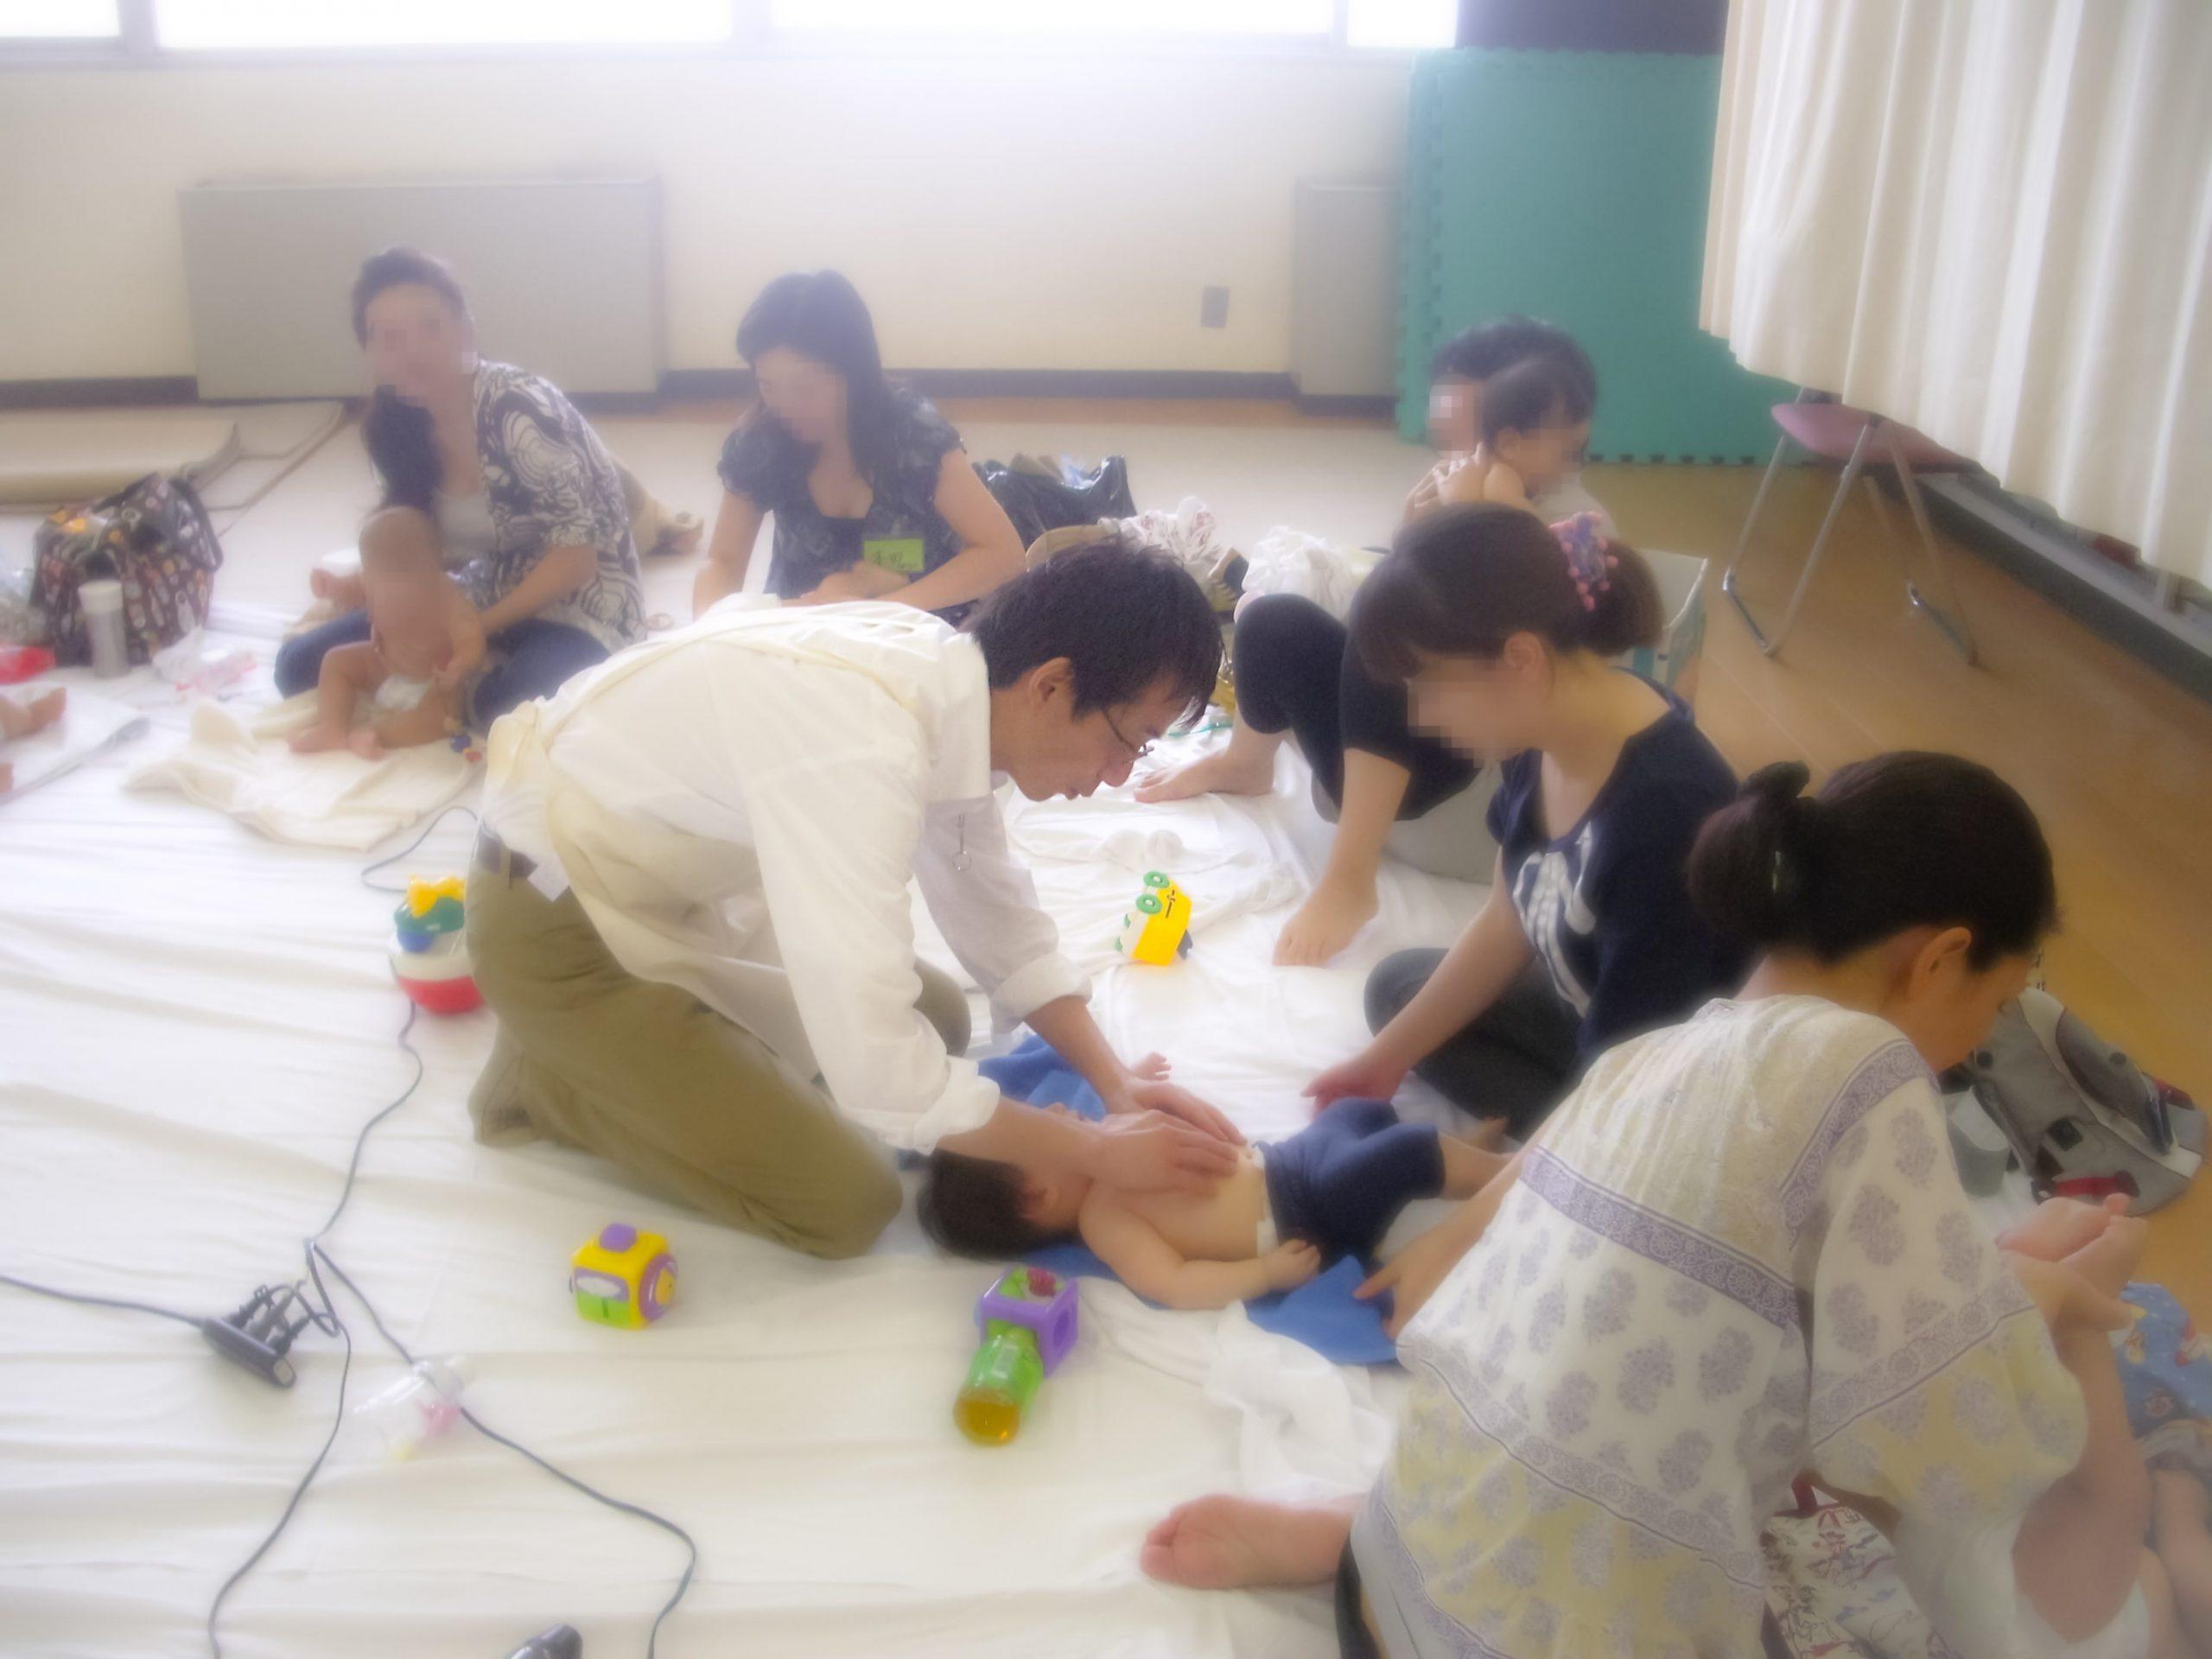 スキンタッチ教室